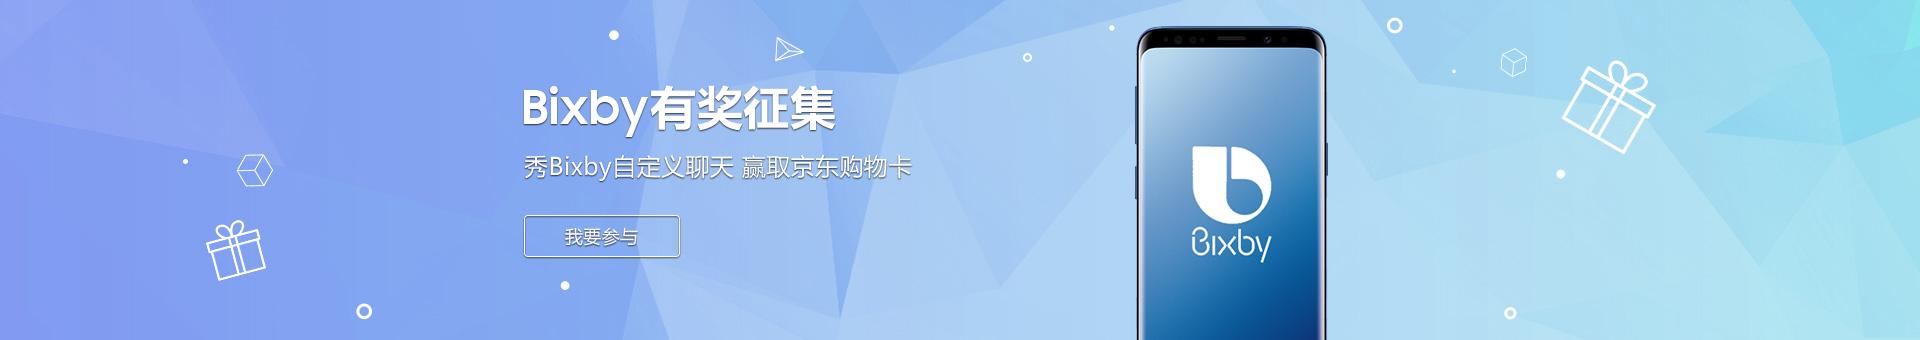 秀Bixby自定义聊天,最高赢200元京东卡